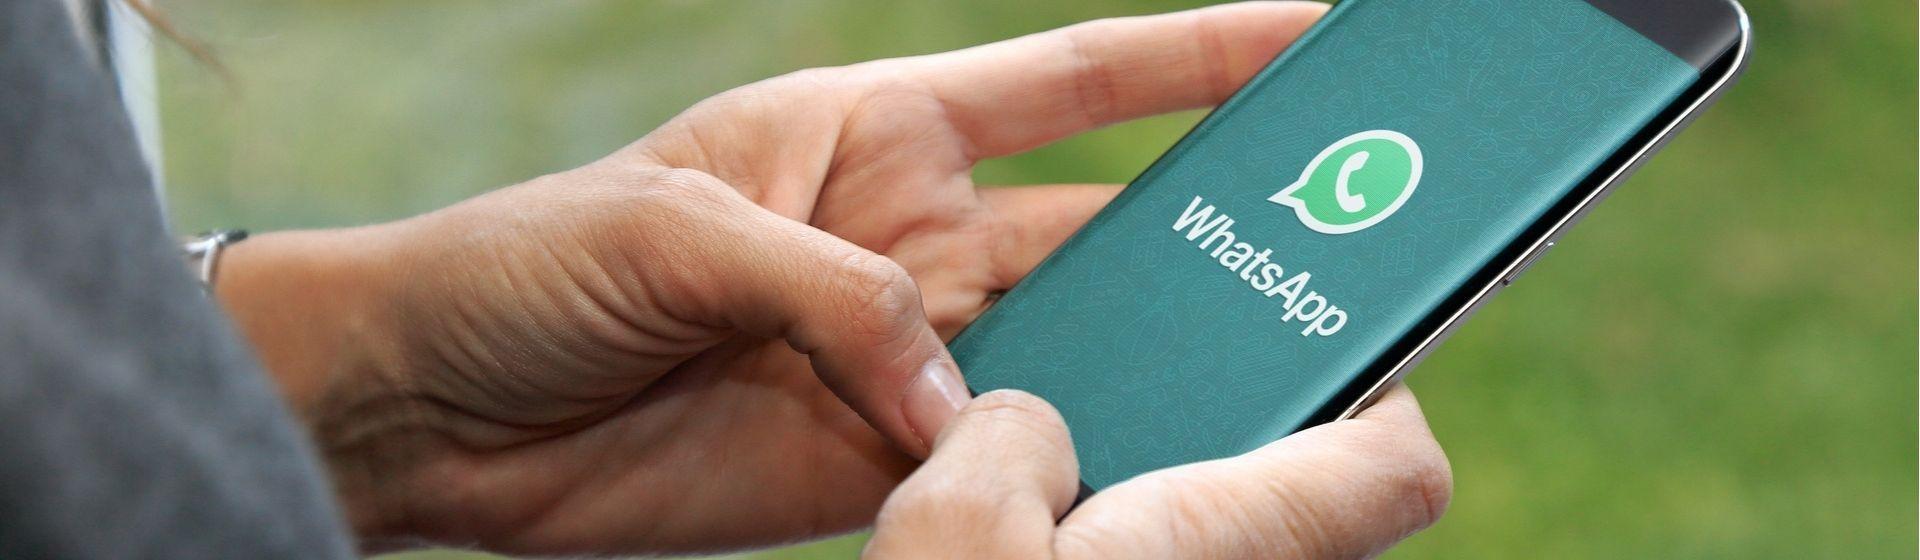 WhatsApp: o que muda com a nova política de privacidade